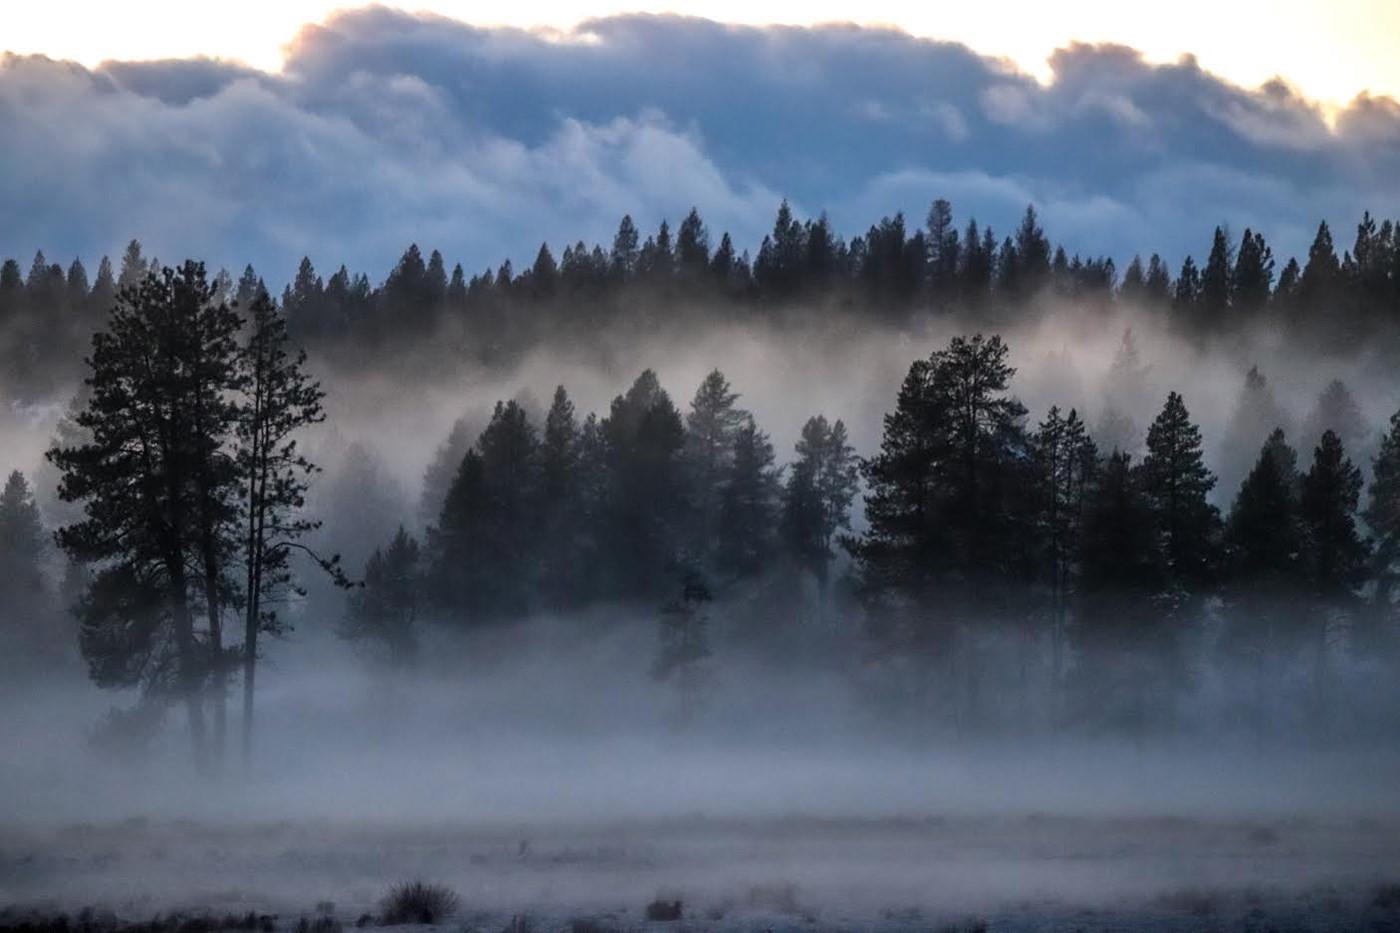 Winter Mist by Misty Wadzeck score 20